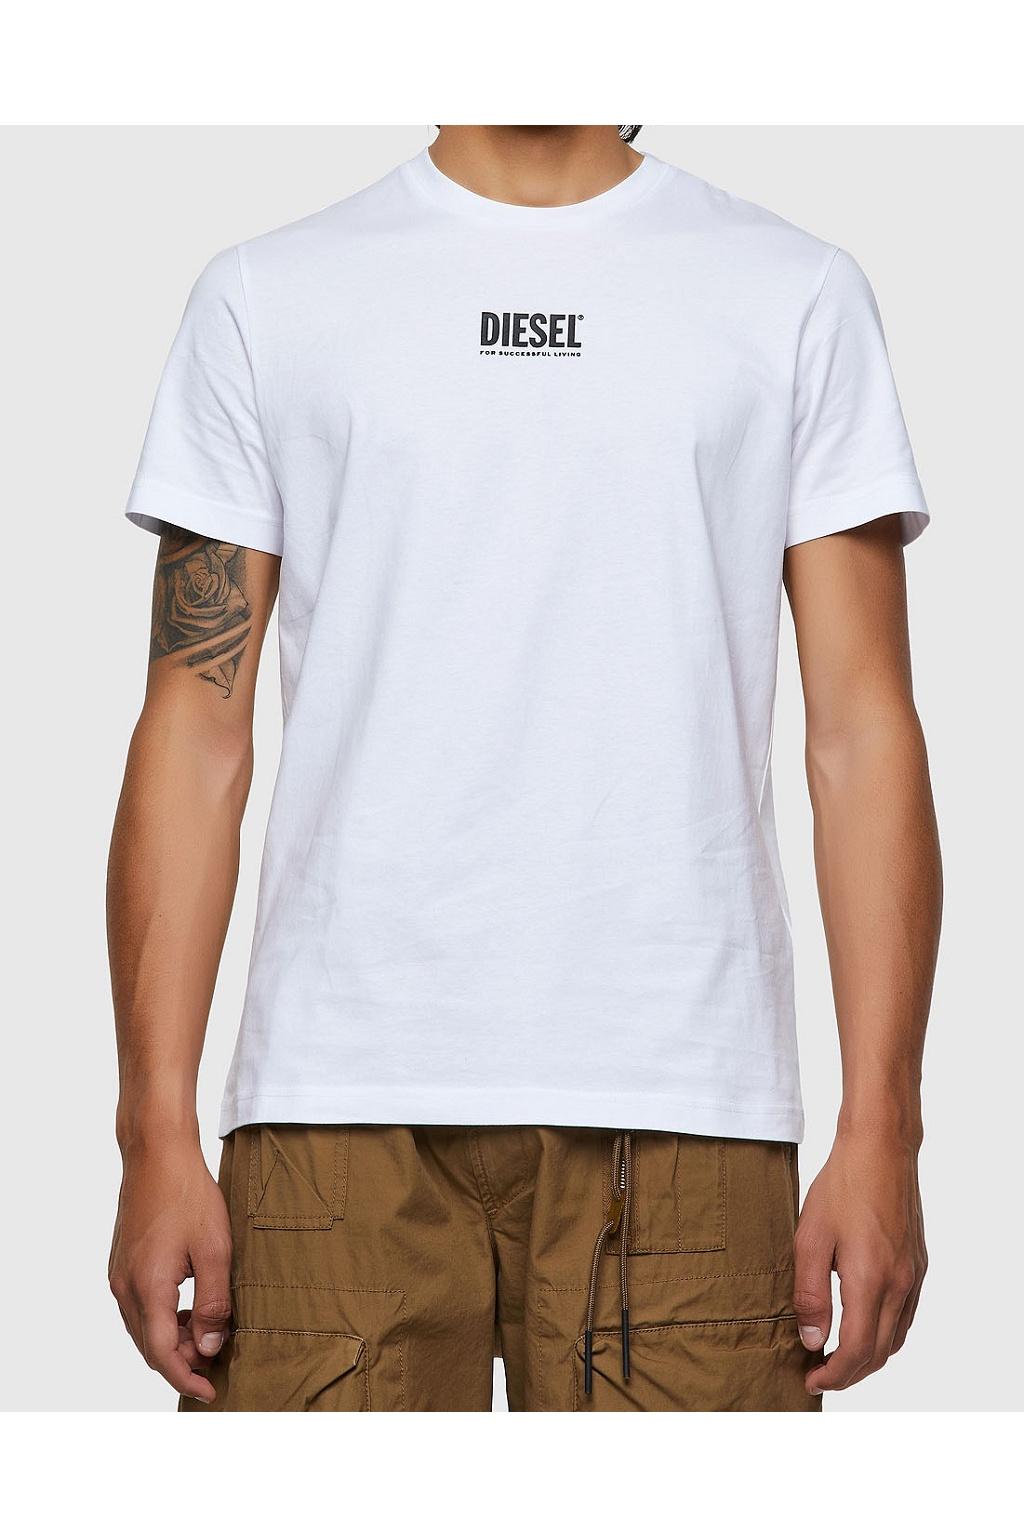 Pánské tričko Diesel T Diegos Ecosmallogo bílé